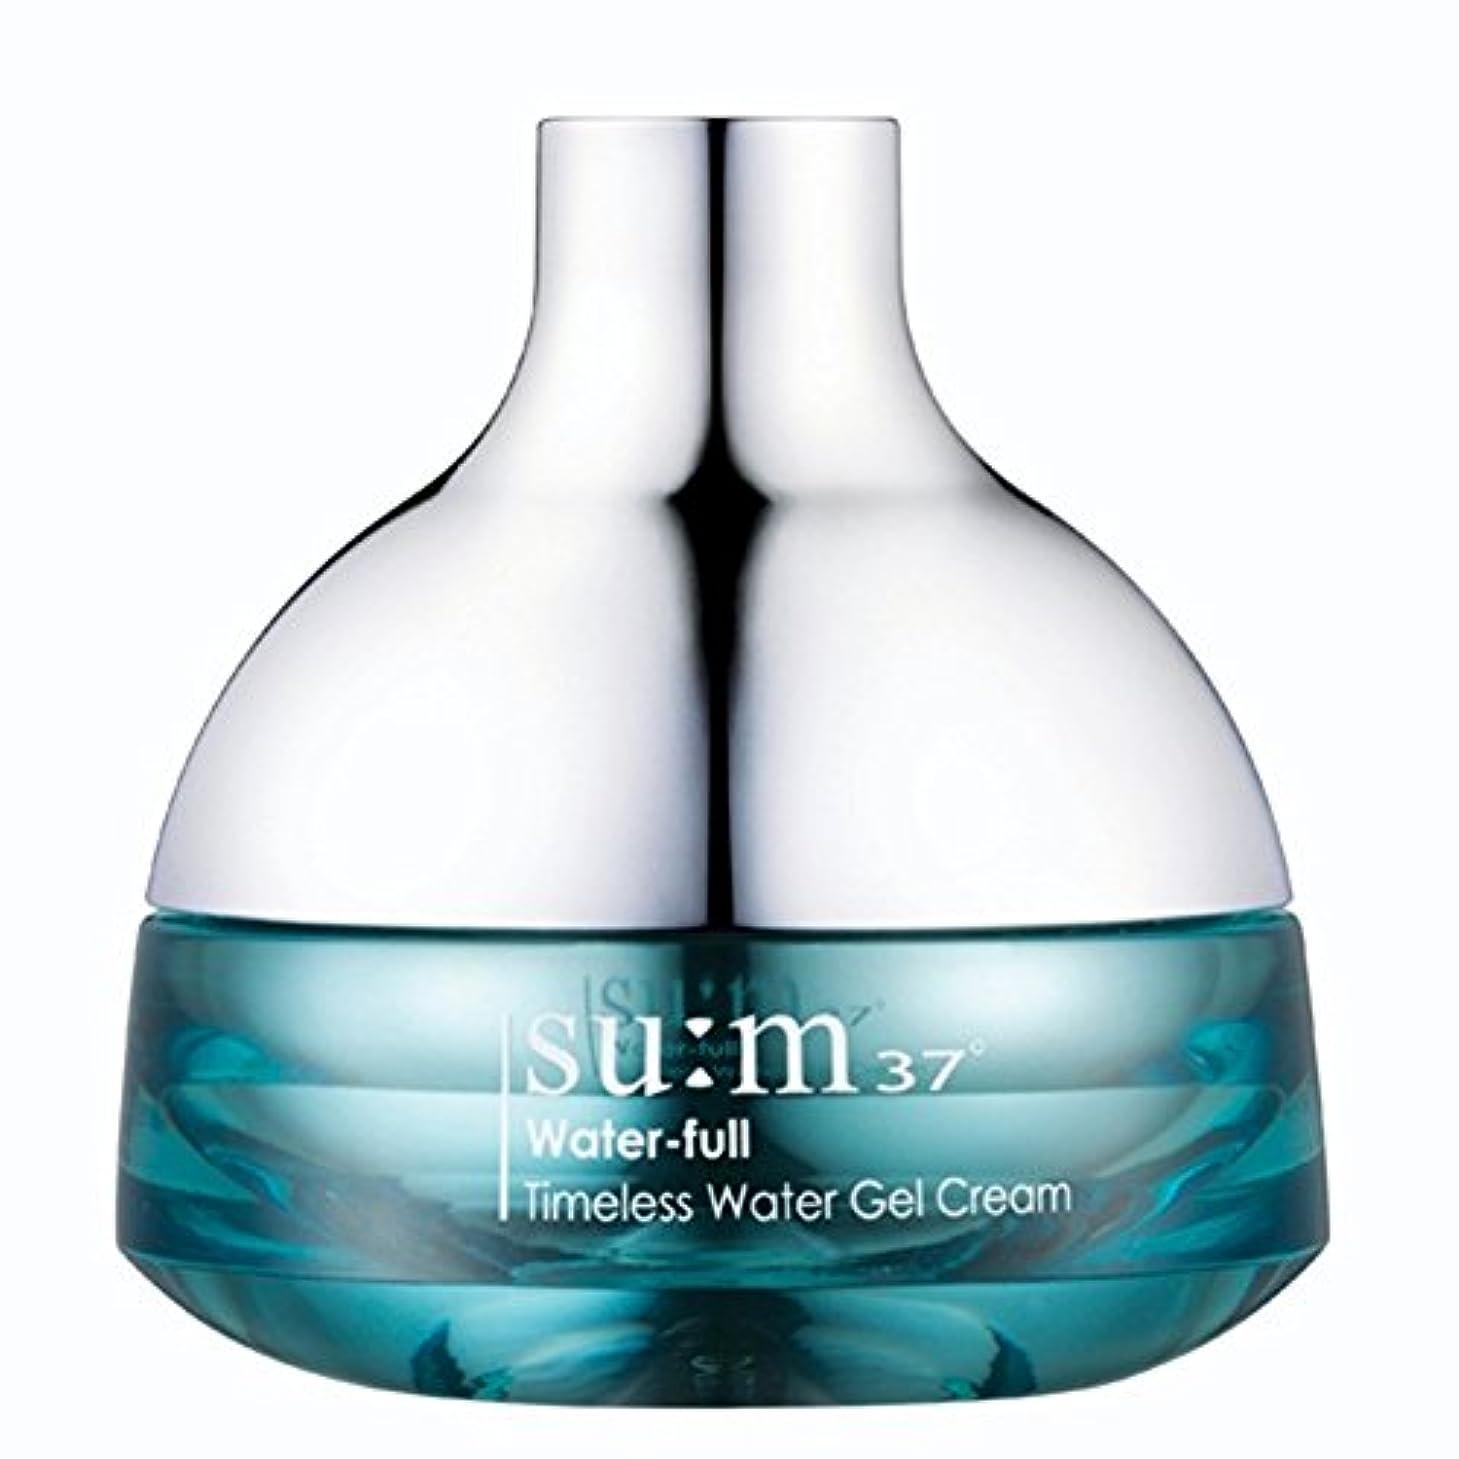 小石無許可外出su:m37/スム37° スム37 ウォーターフルタイムレスウォータージェルクリーム50ml (sum 37ºWater-full Timeless Water Gel Cream 50ml + Special Gift...